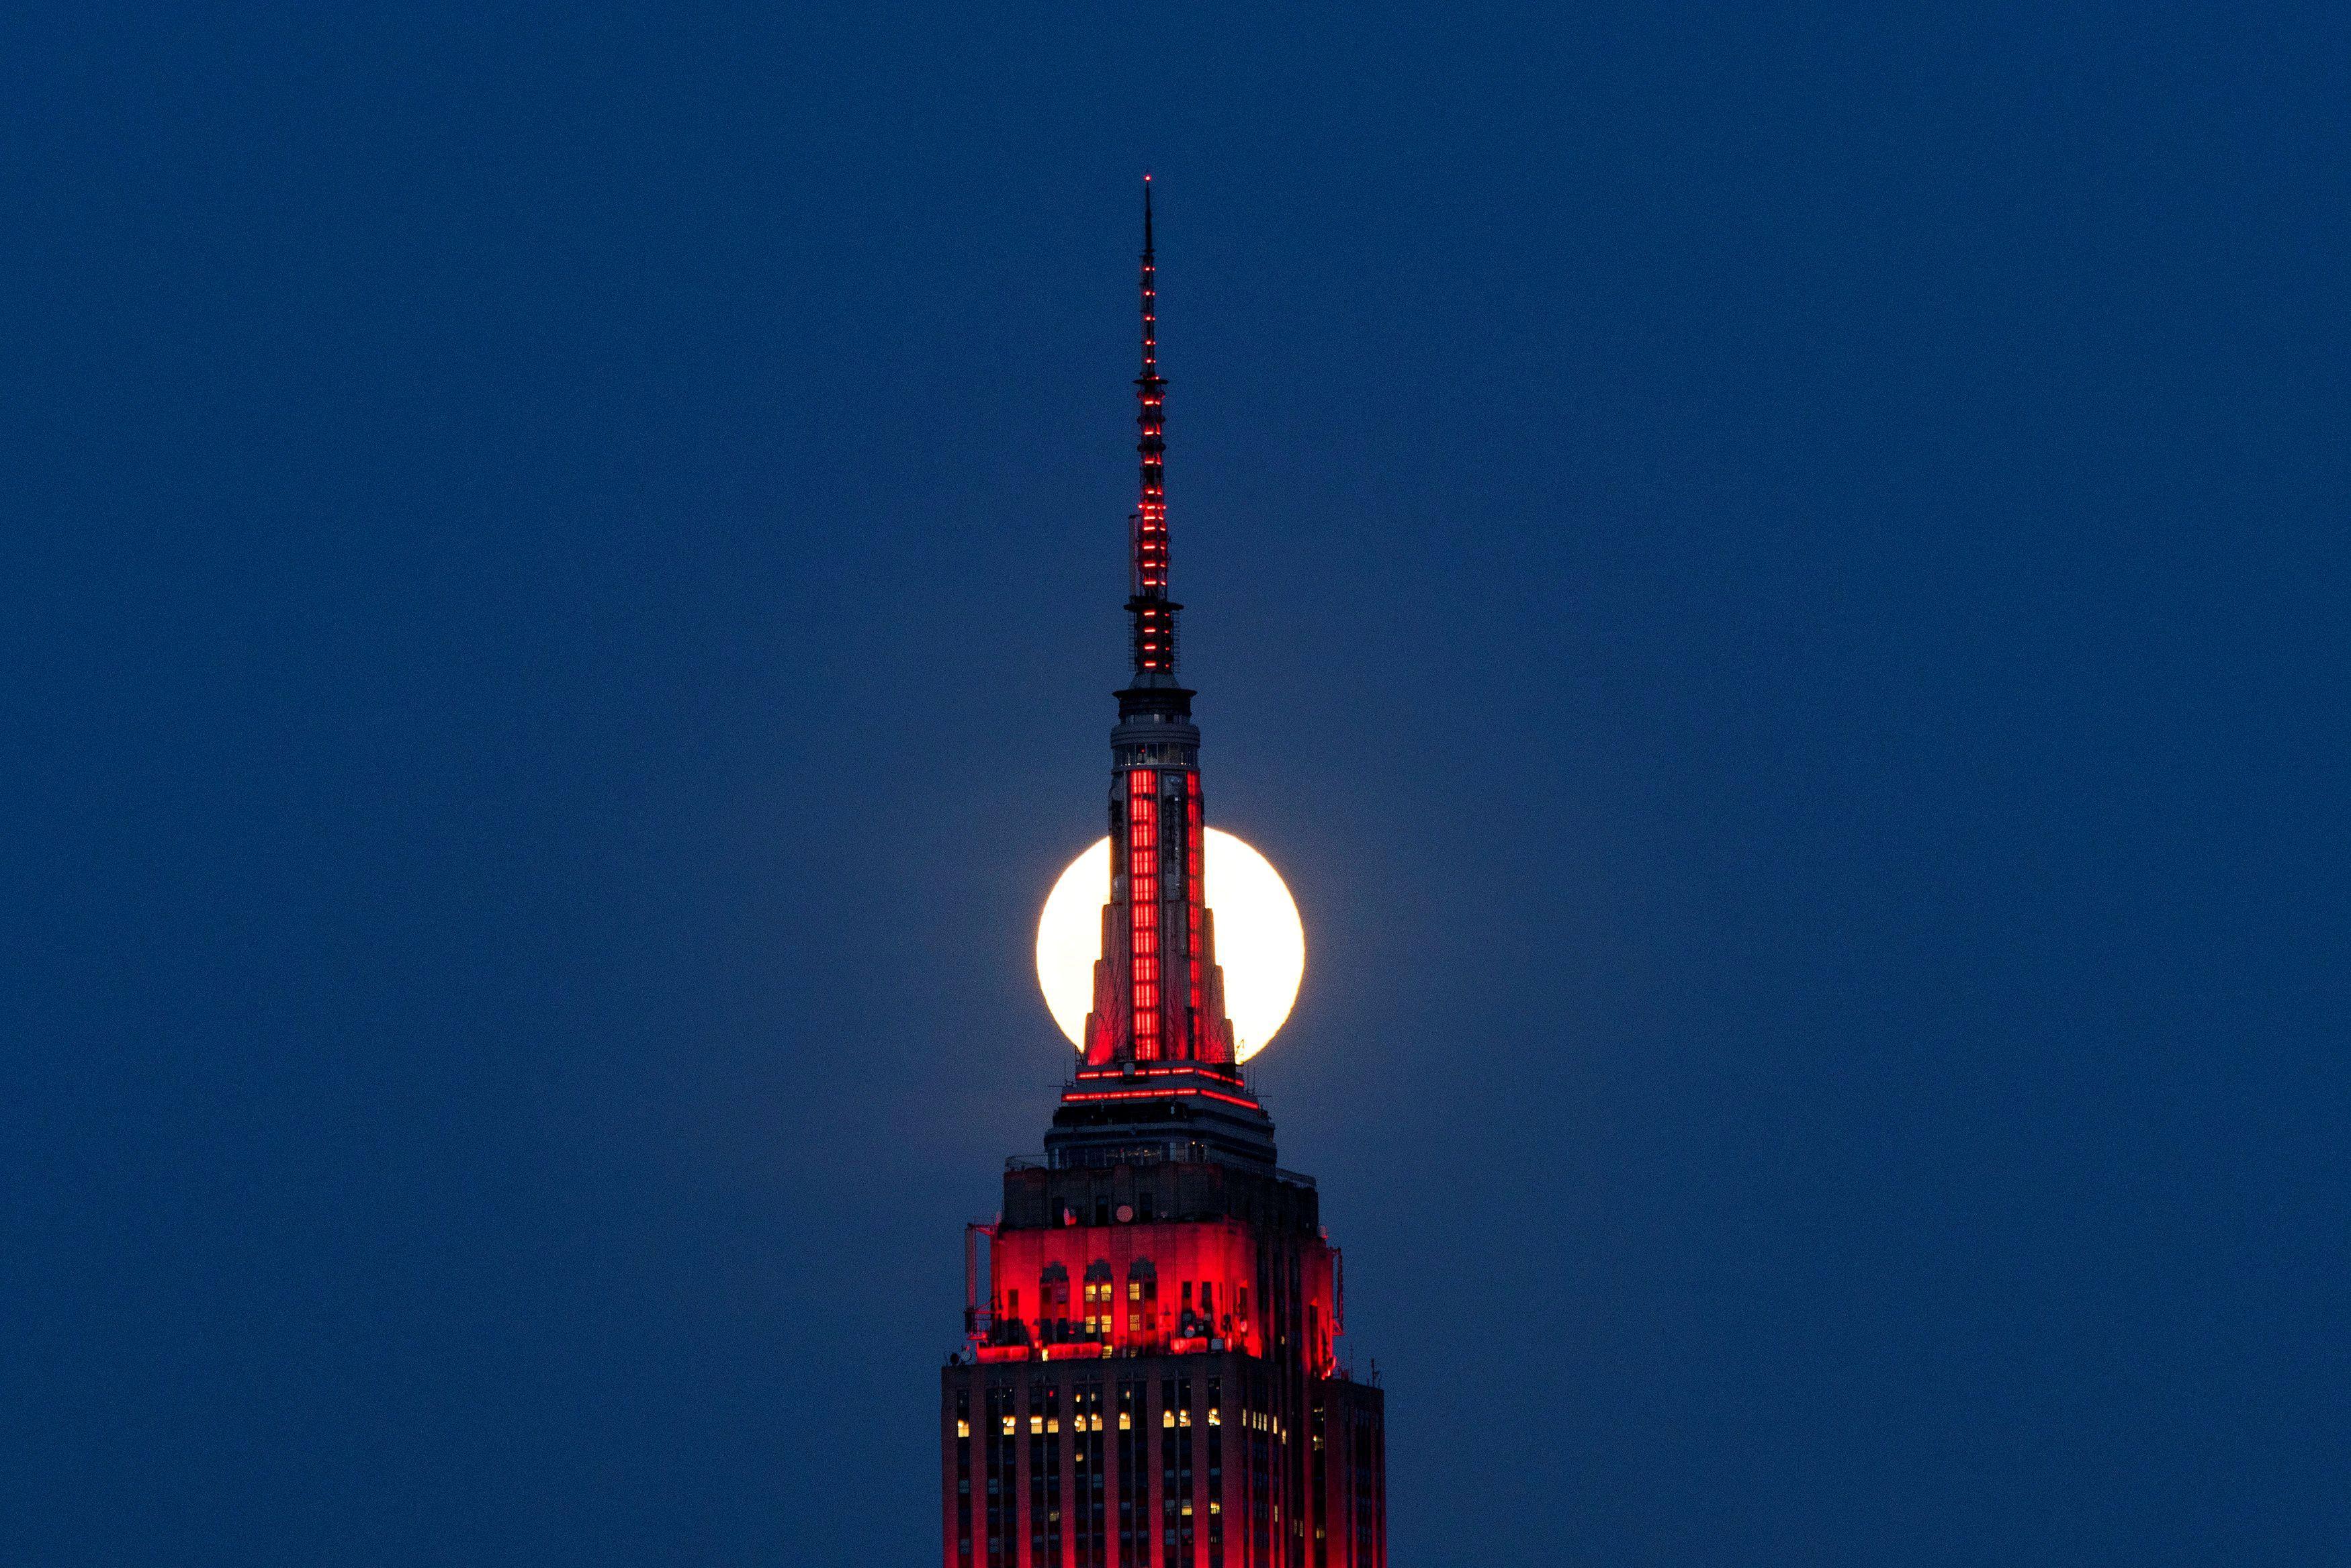 La Superluna se eleva detrás del Empire State Building mientras se ilumina en rojo en solidaridad con las personas infectadas con el coronavirus vista desde Hoboken, Nueva Jersey (REUTERS / Eduardo Munoz)